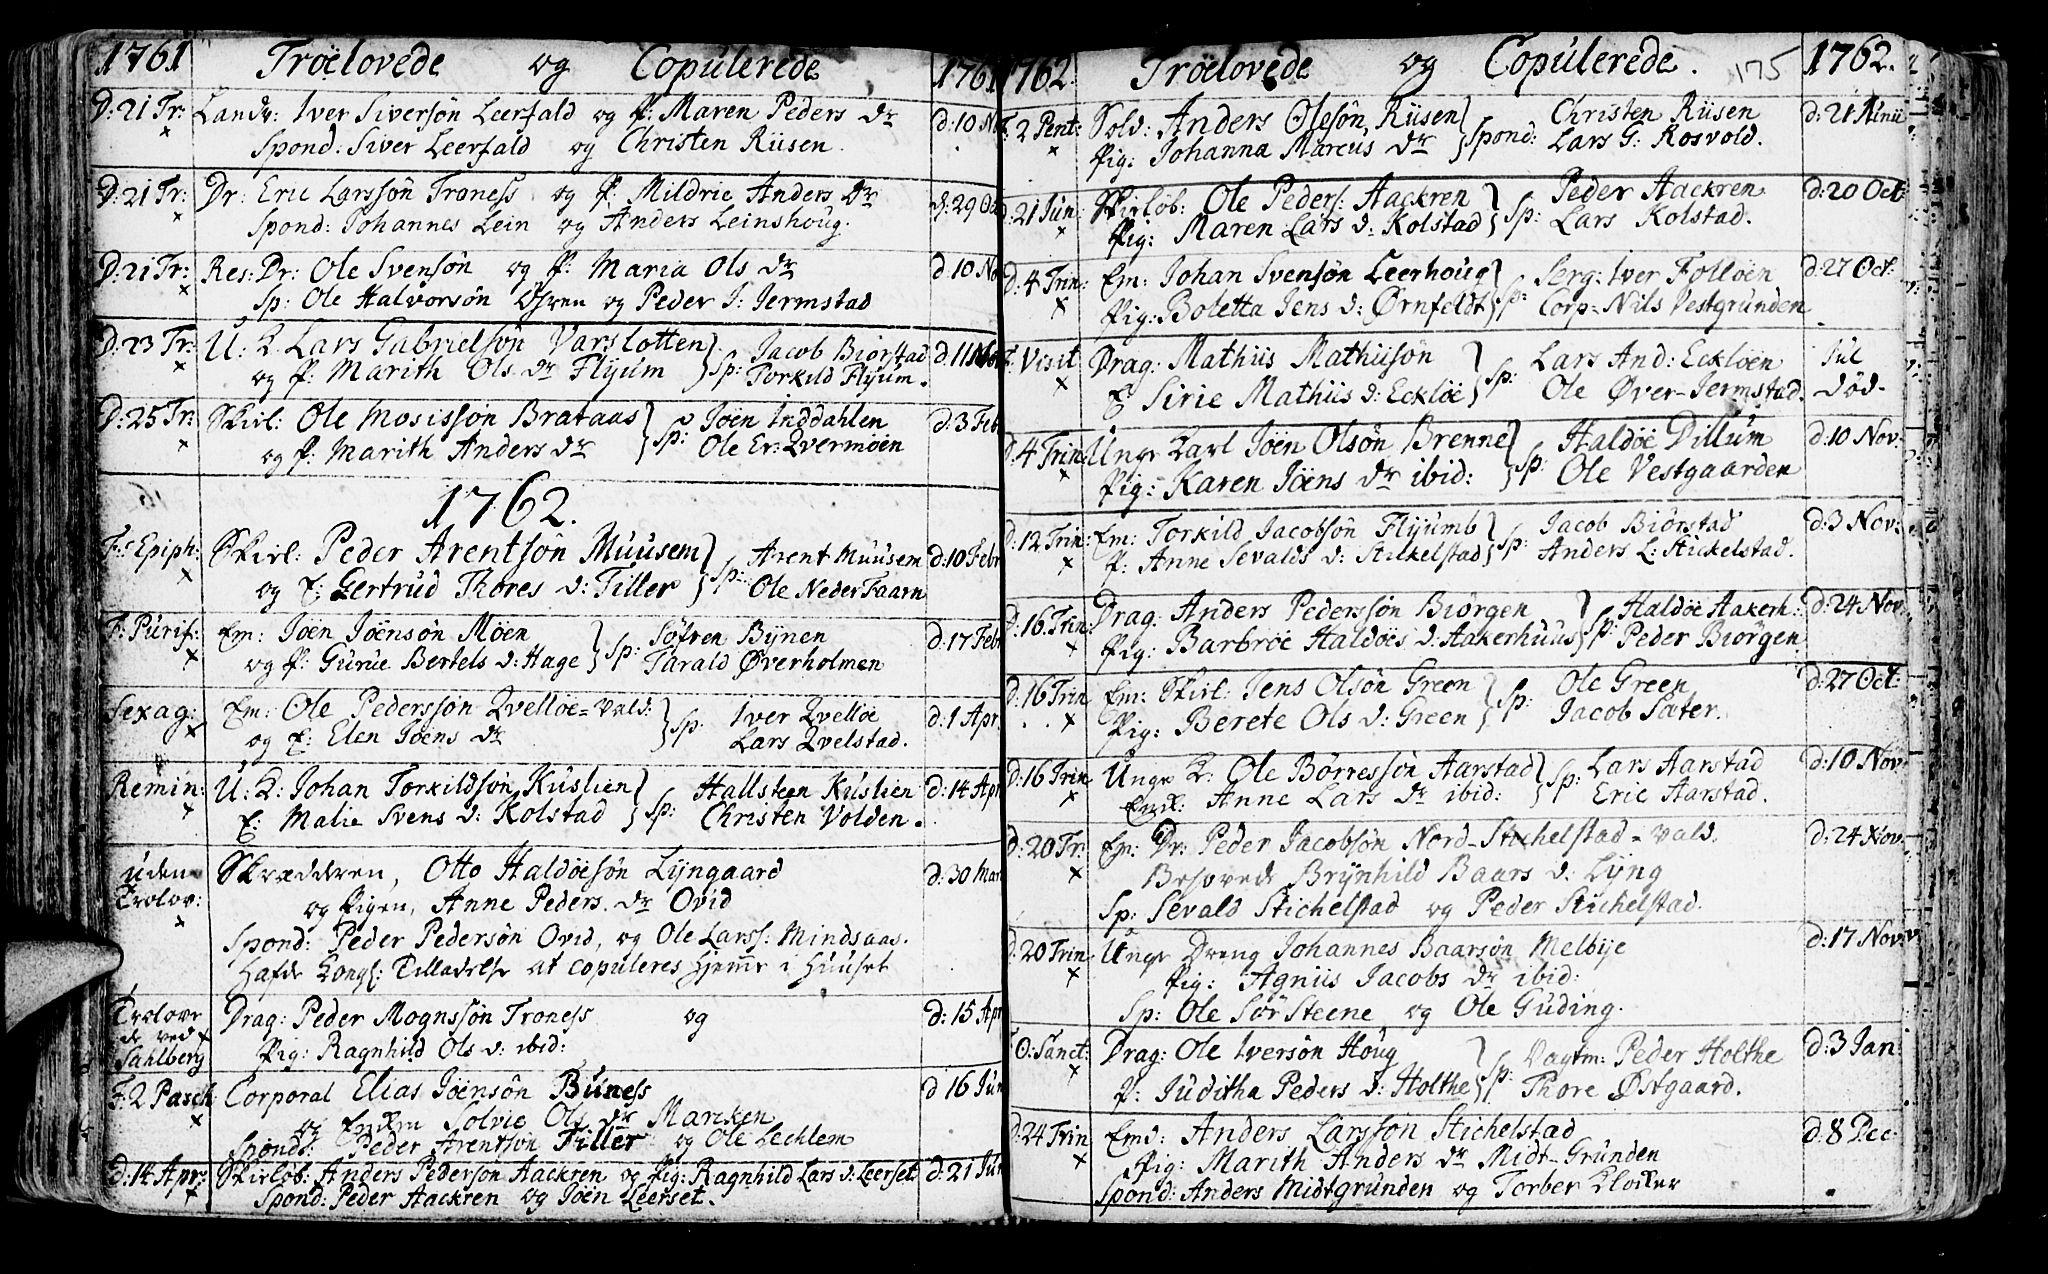 SAT, Ministerialprotokoller, klokkerbøker og fødselsregistre - Nord-Trøndelag, 723/L0231: Ministerialbok nr. 723A02, 1748-1780, s. 175